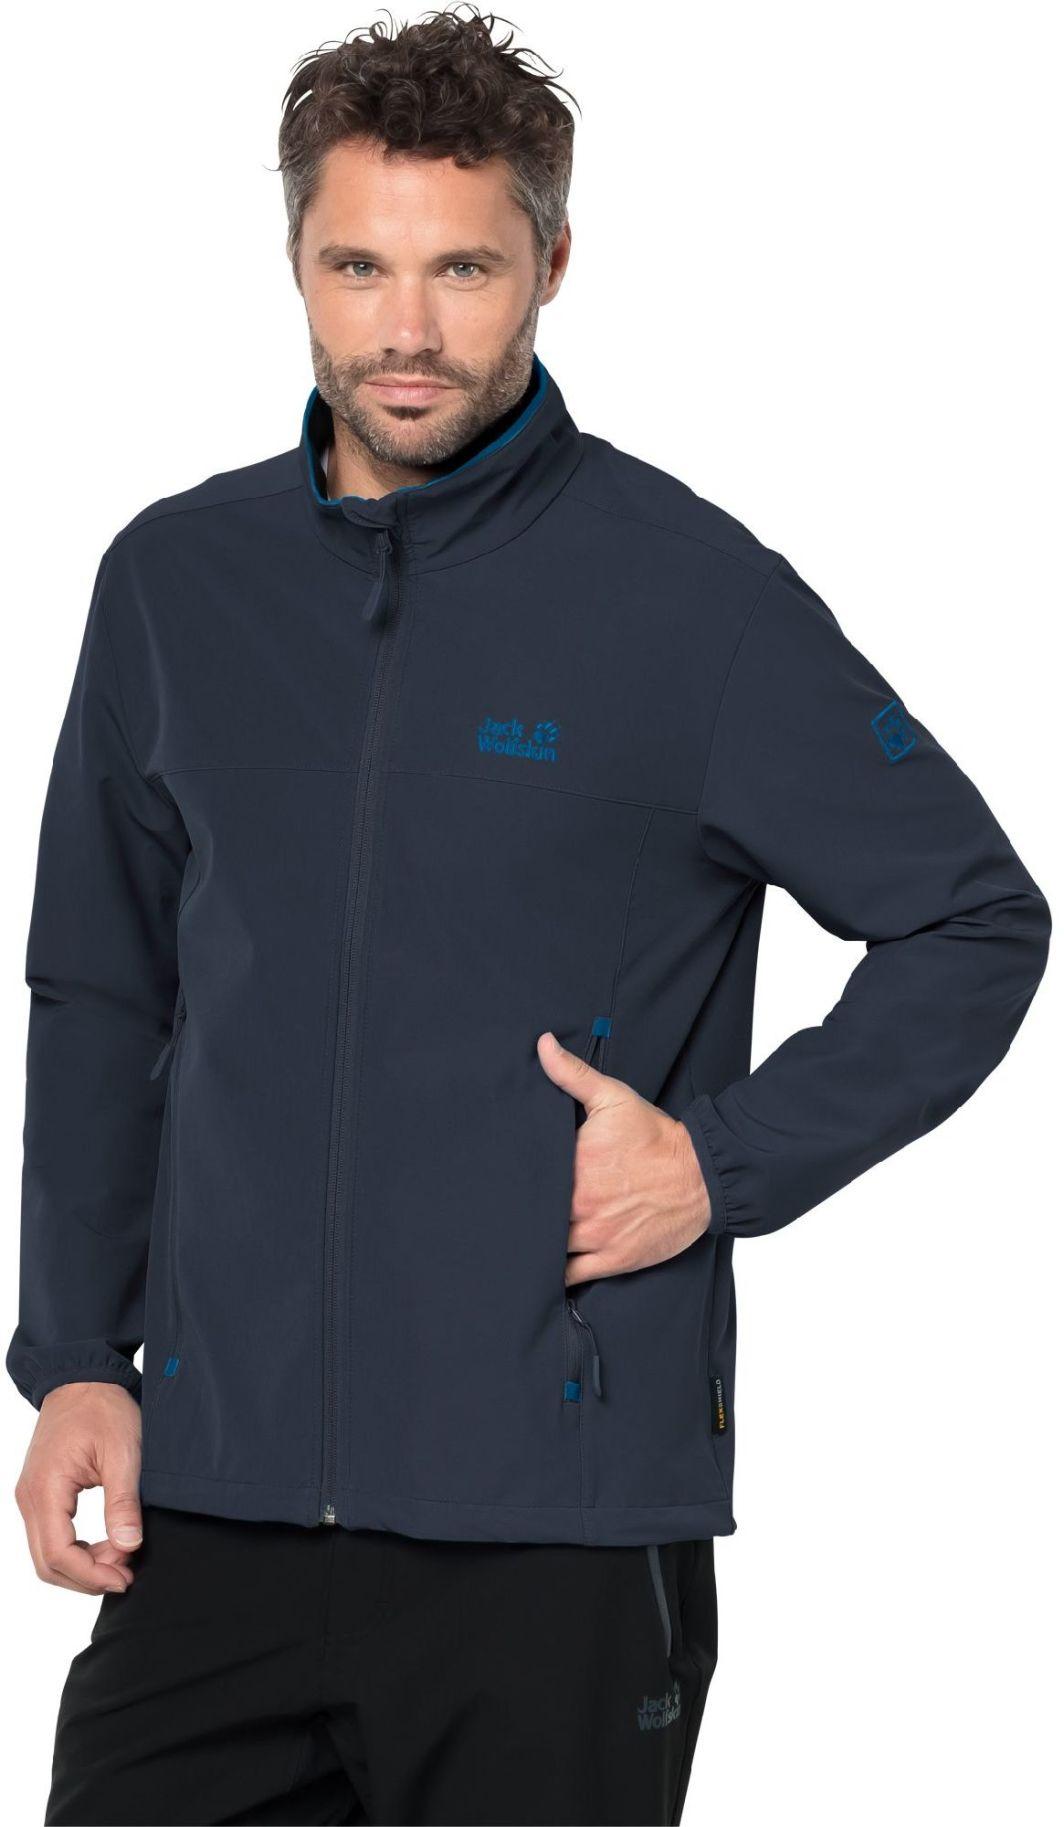 przejść do trybu online gładki ekskluzywne buty Jack Wolfskin Kurtka męska CRESTVIEW JACKET MEN Night Blue r. L (1305471)  ID produktu: 1787587